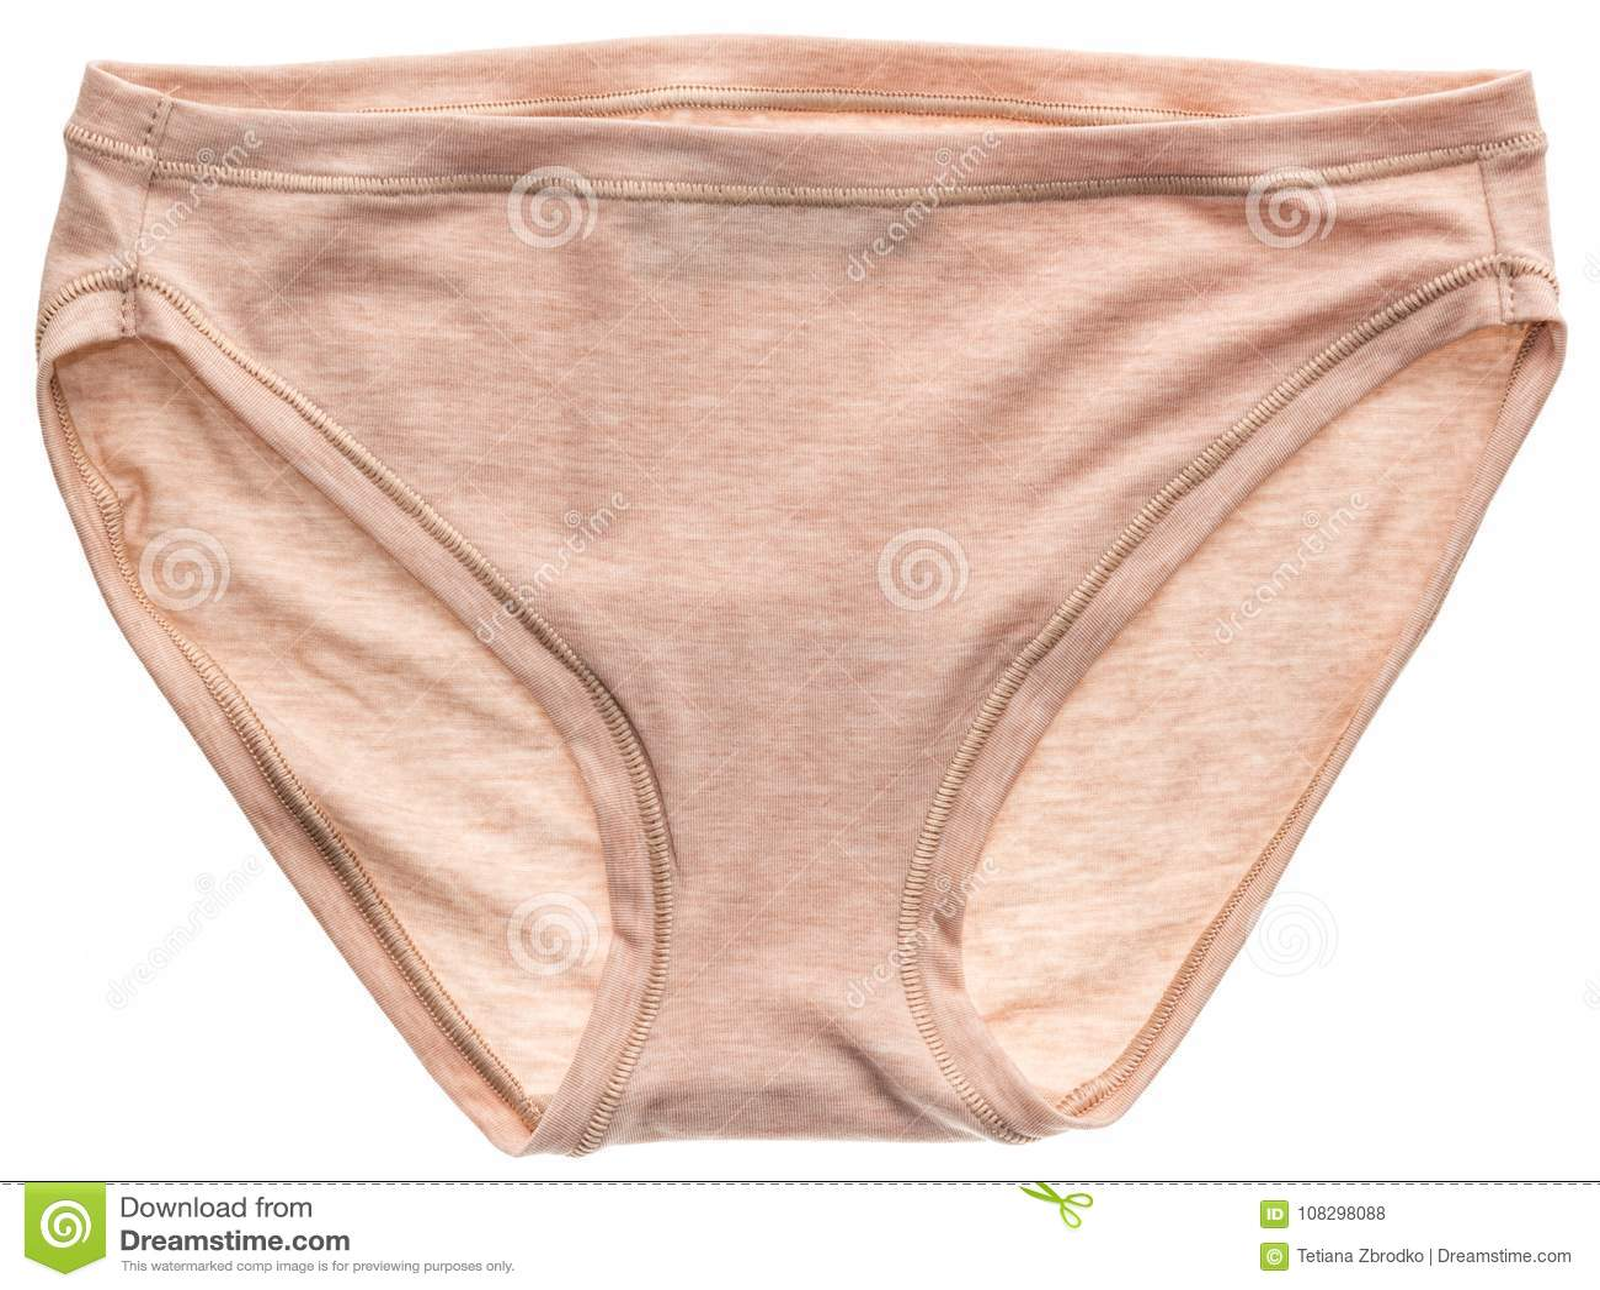 29653df06 Cuecas bege do algodão do ` s das mulheres isolada no fundo branco roupa  interior bege